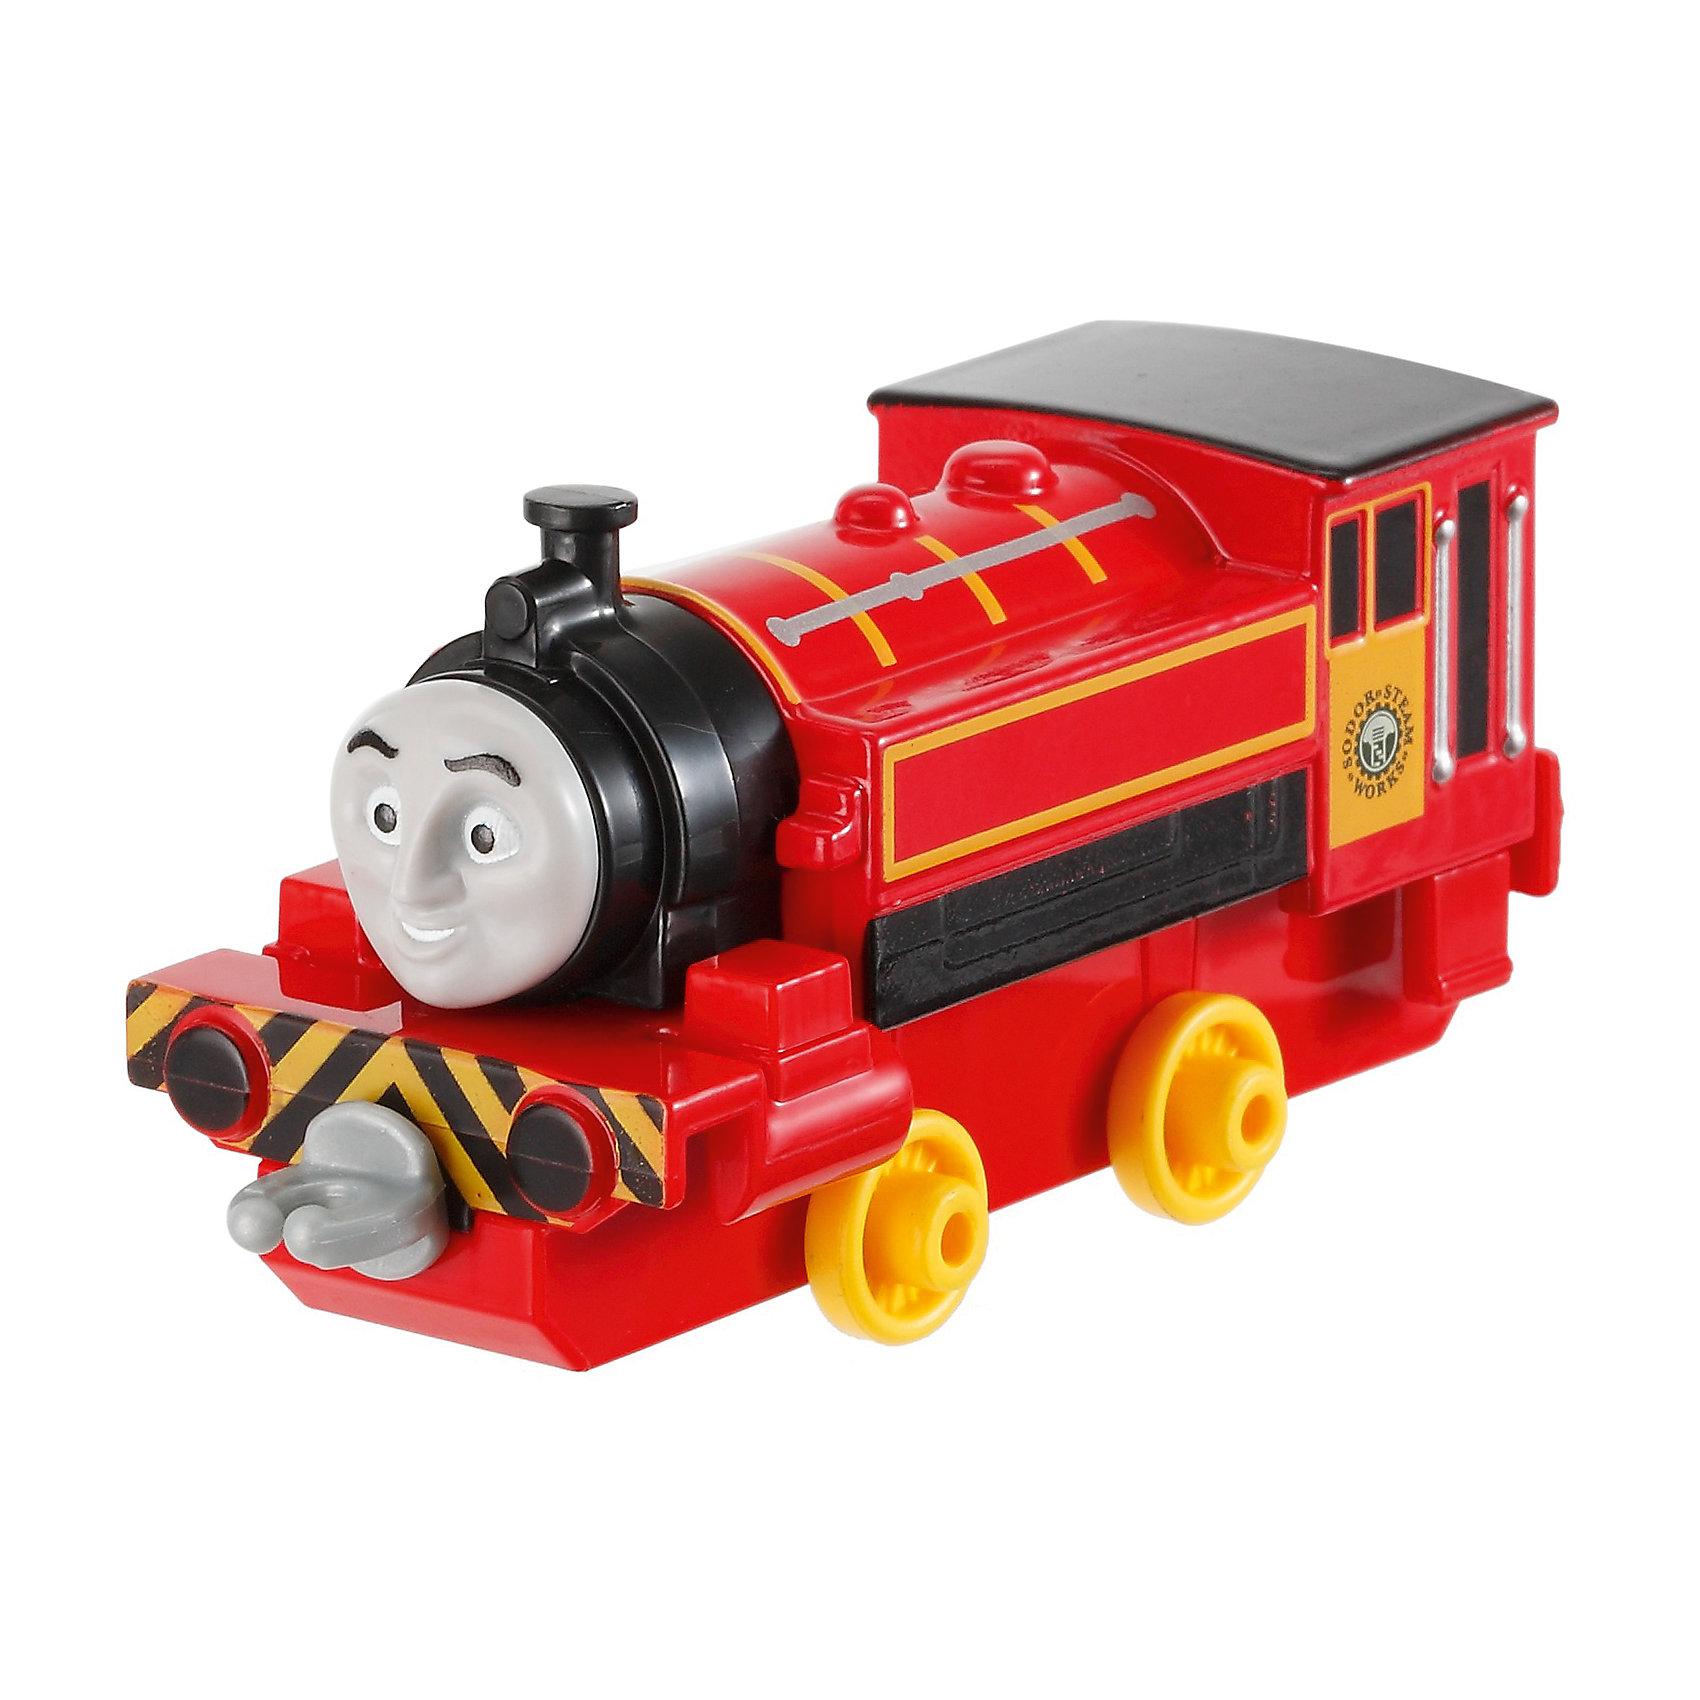 Mattel Паровозик Виктор, Fisher Price, Томас и его друзья mattel игрушки веселые друзья со звуком fisher price в ассортименте